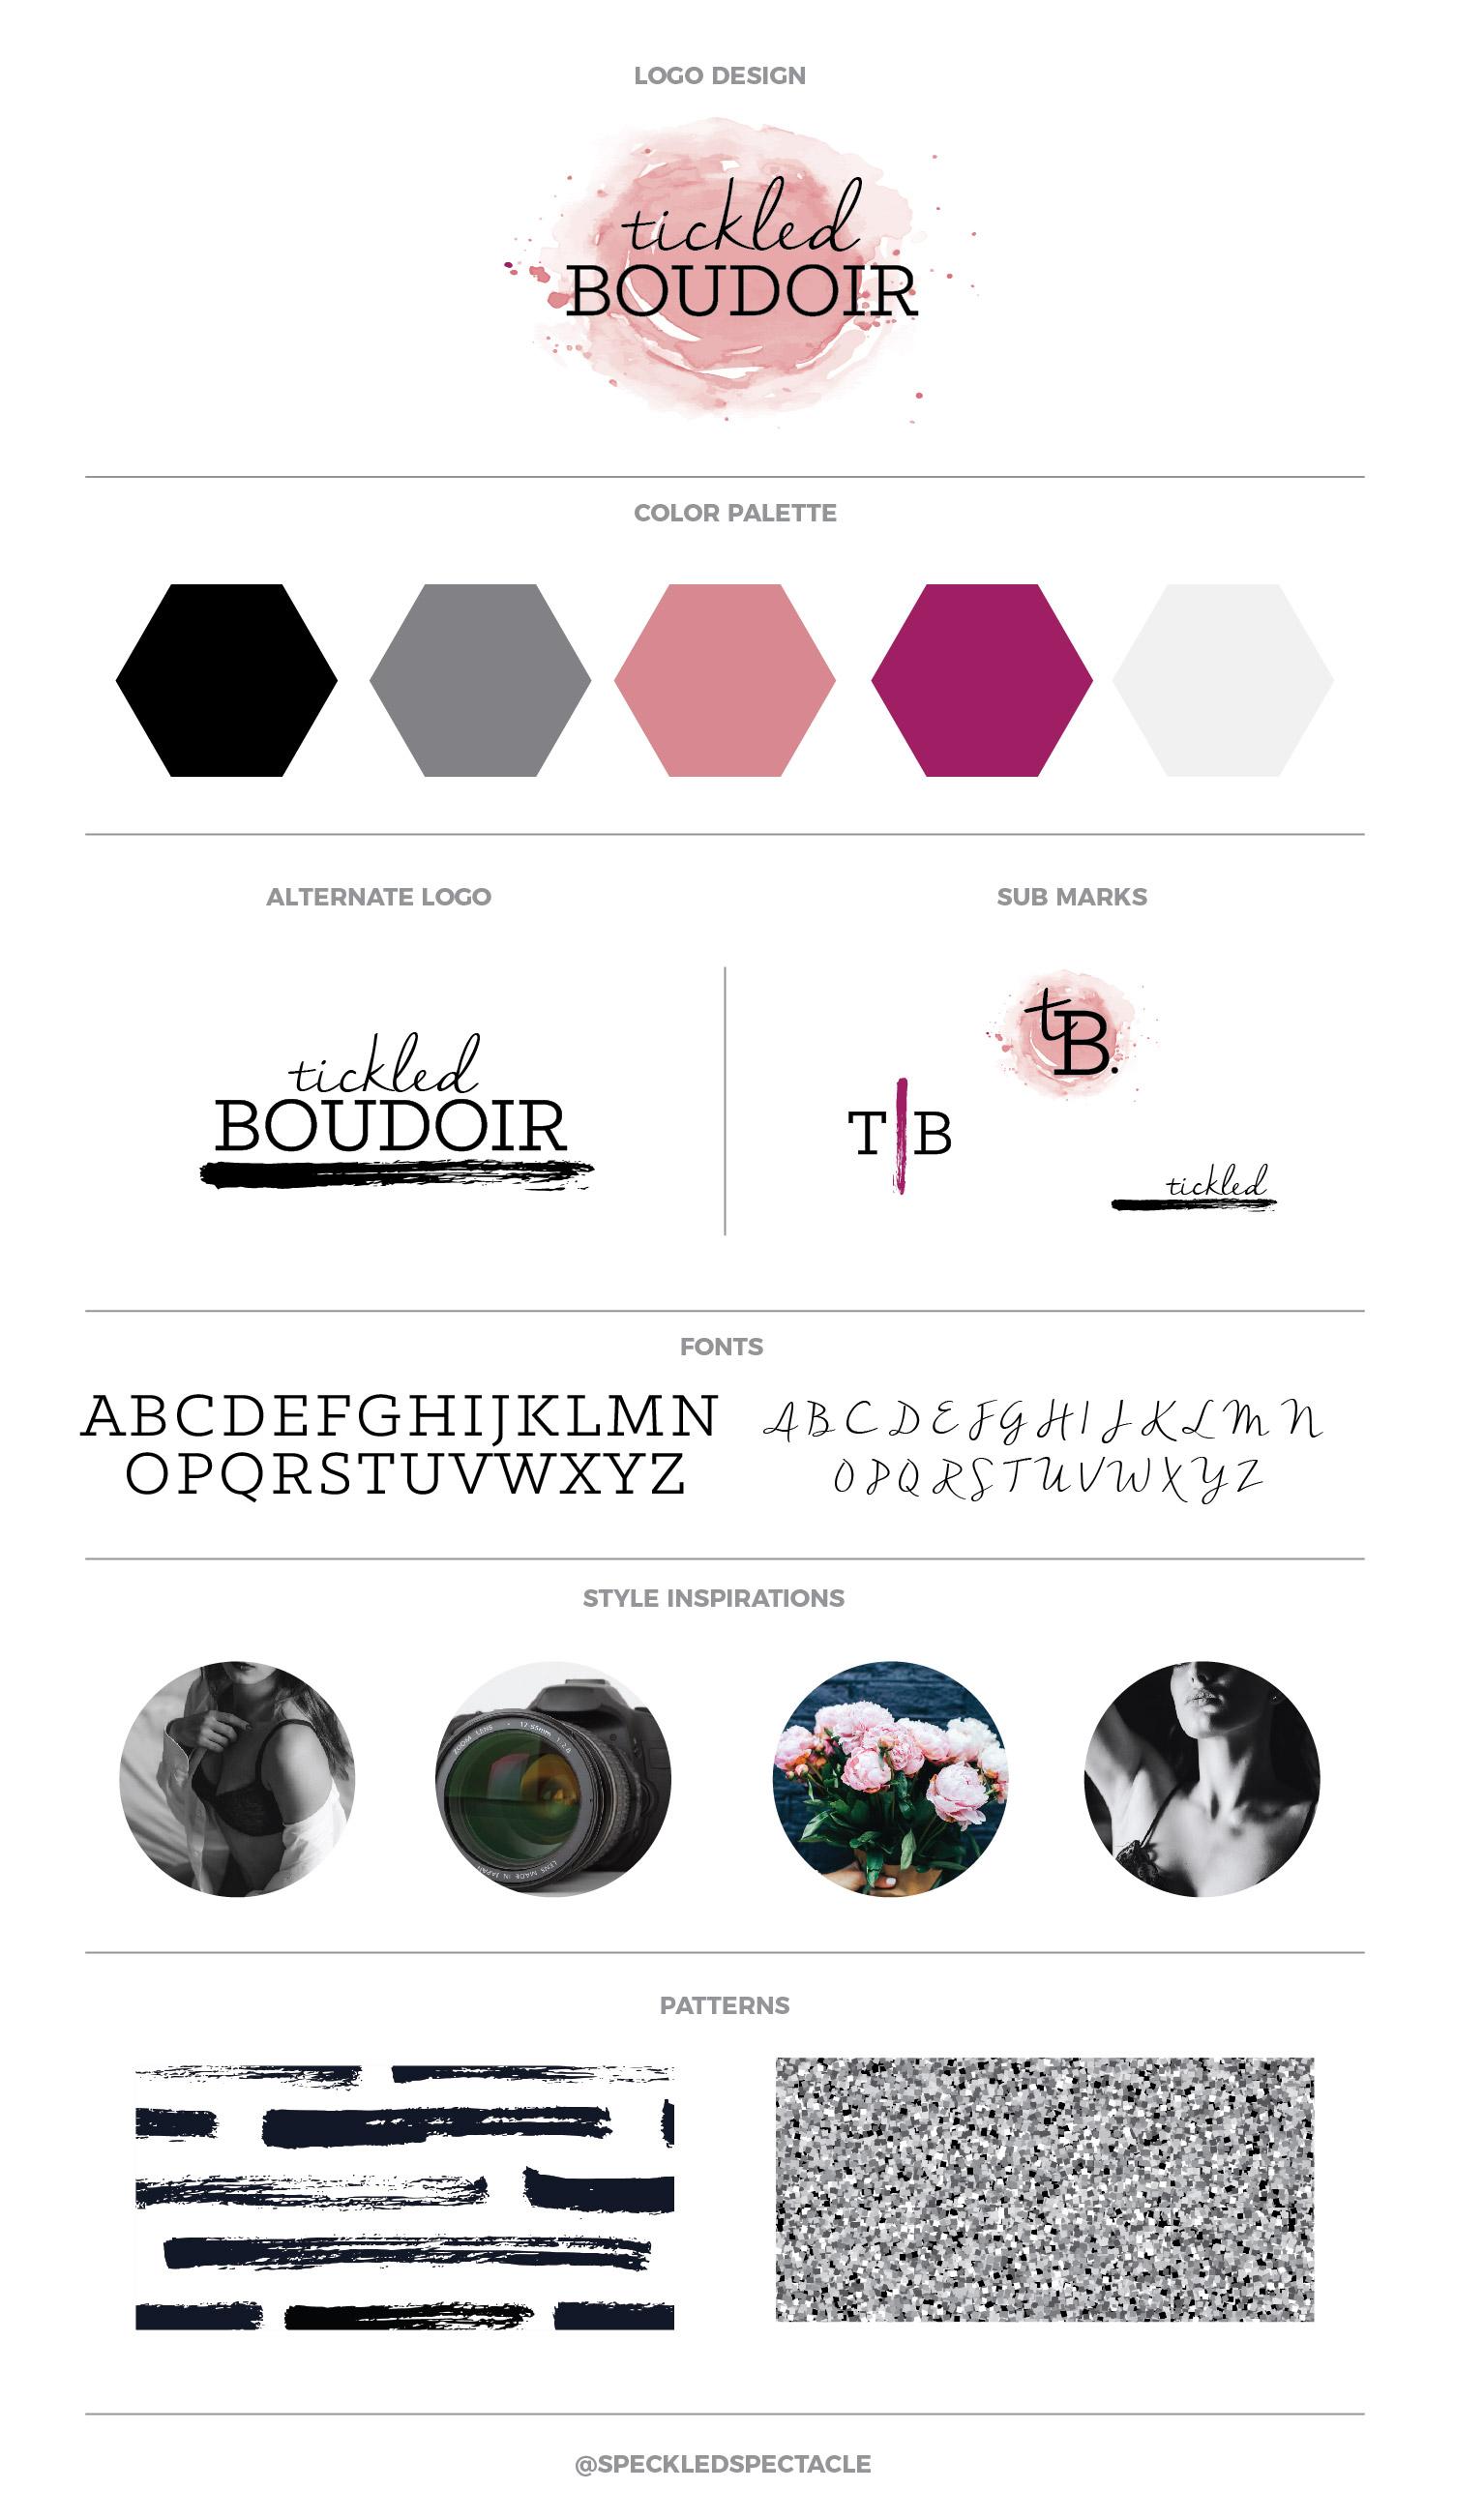 tickledboudoir-logo-01.jpg